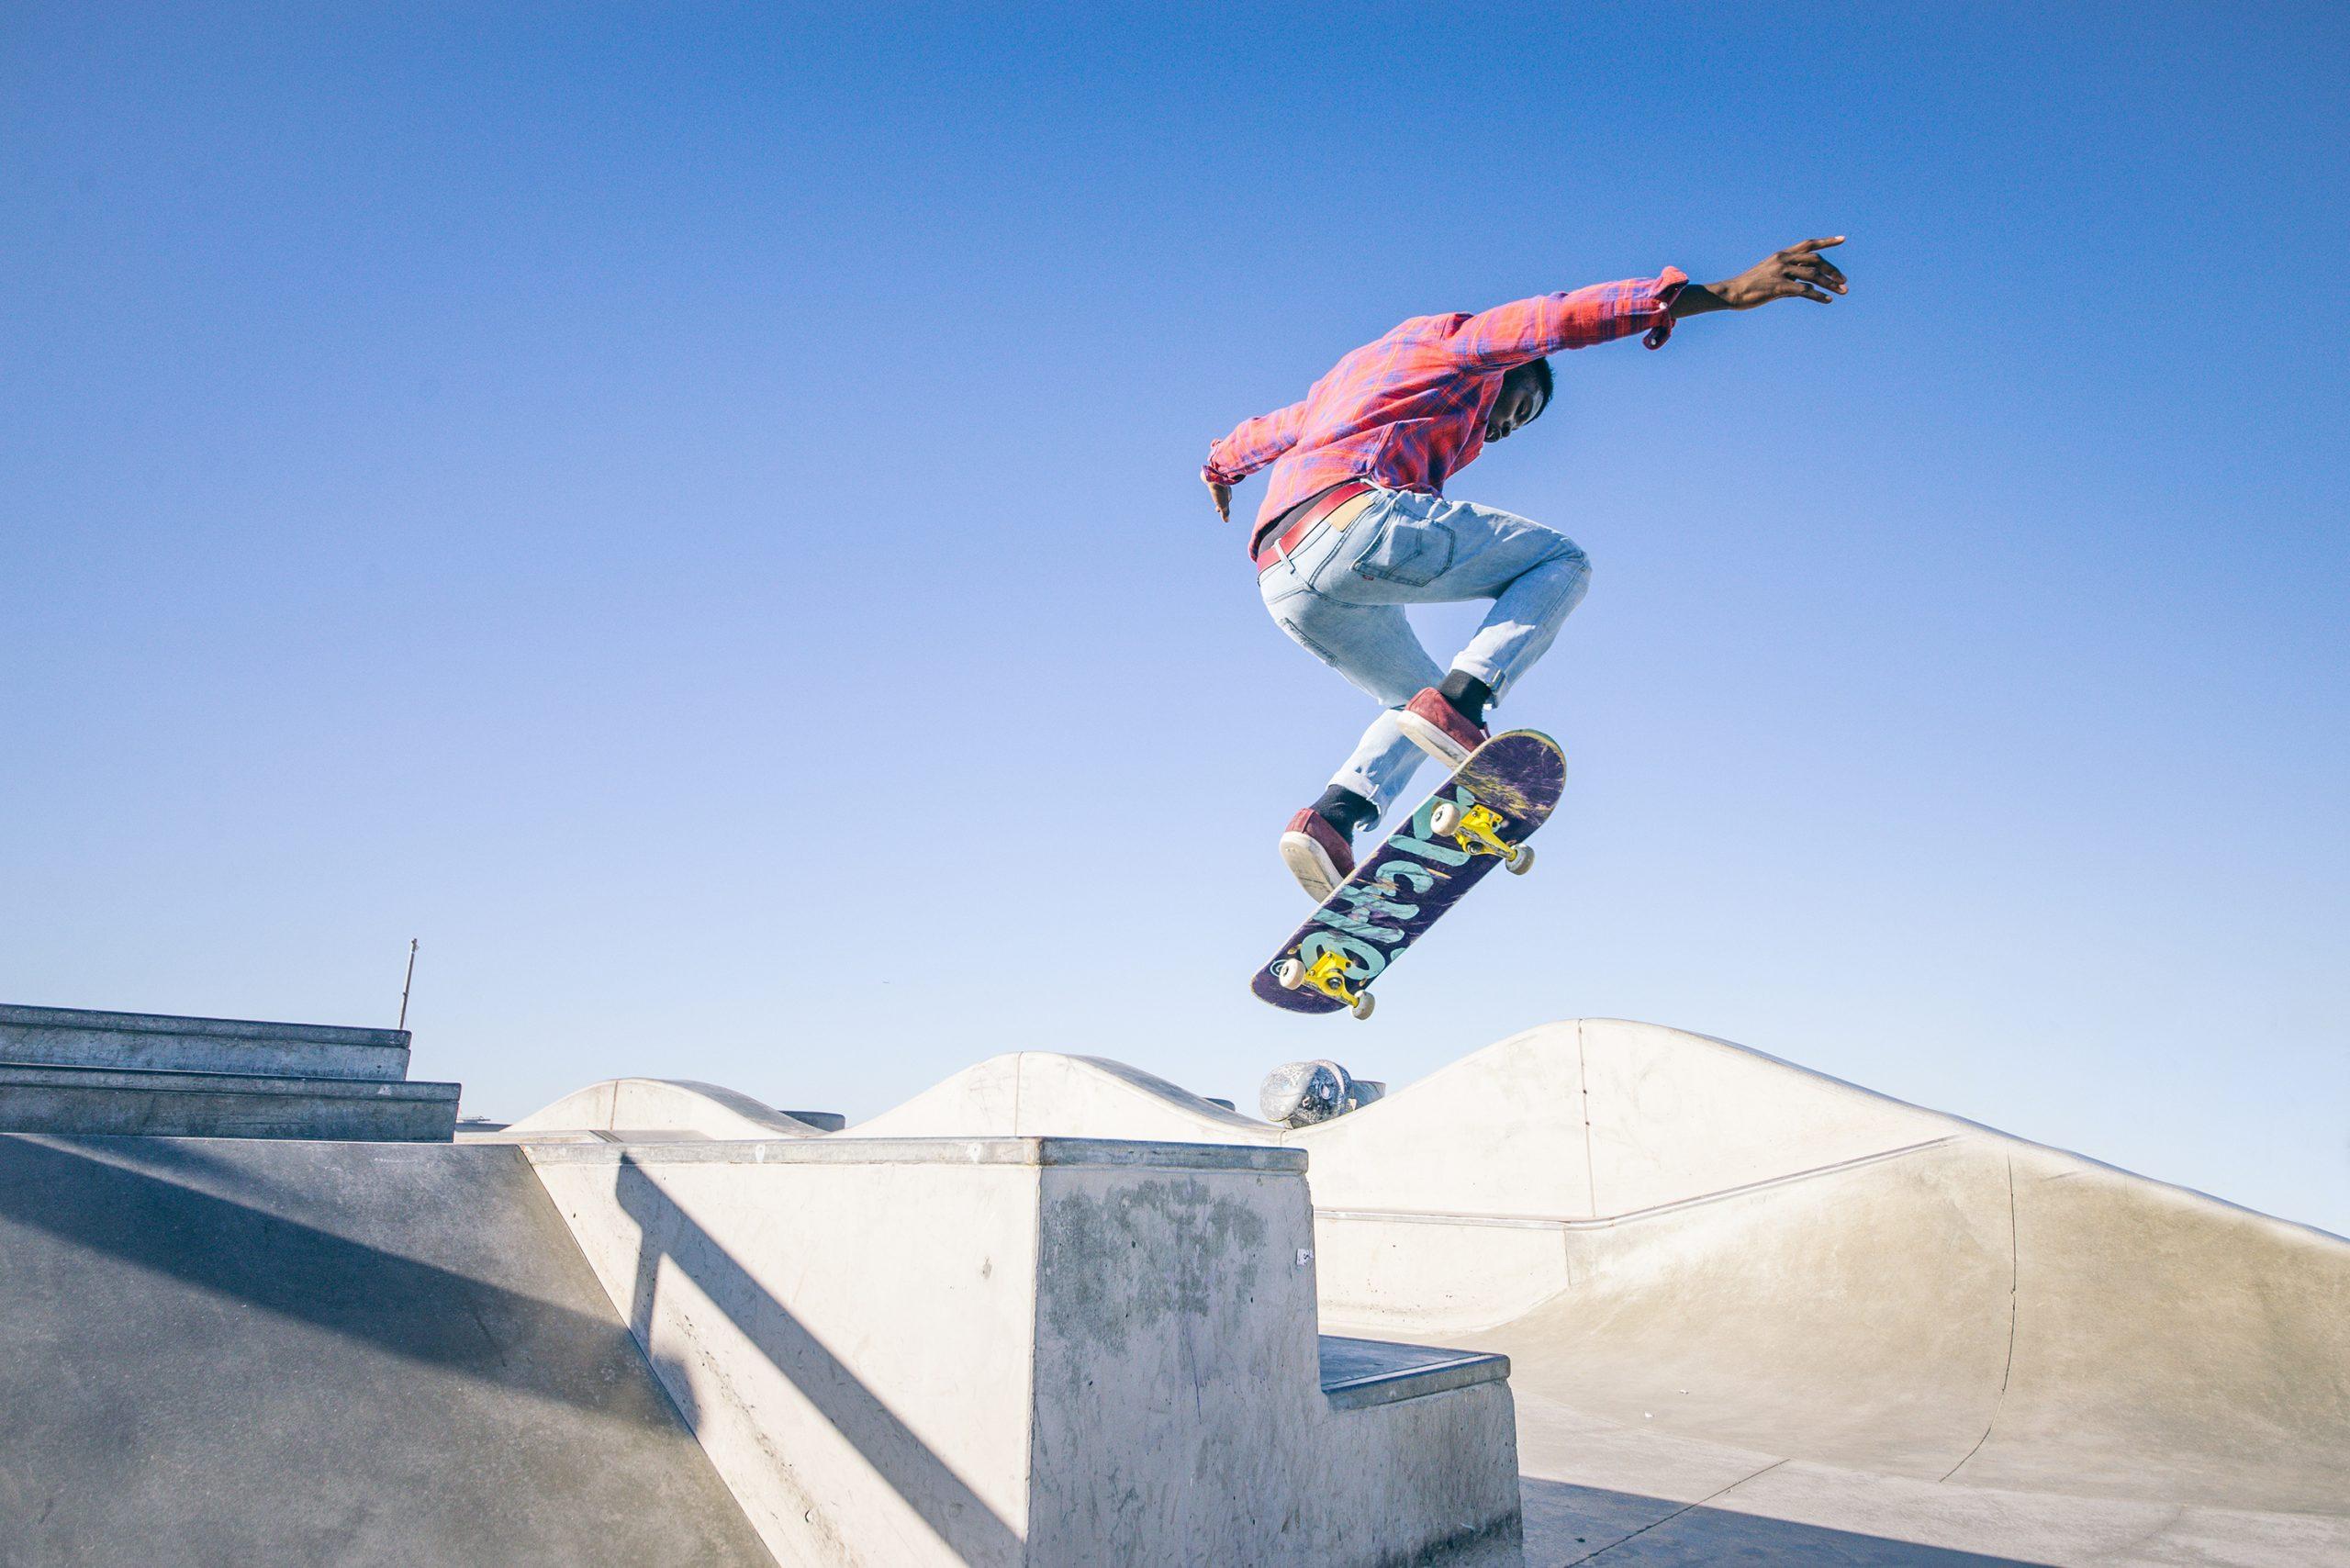 Šport Skateboarding